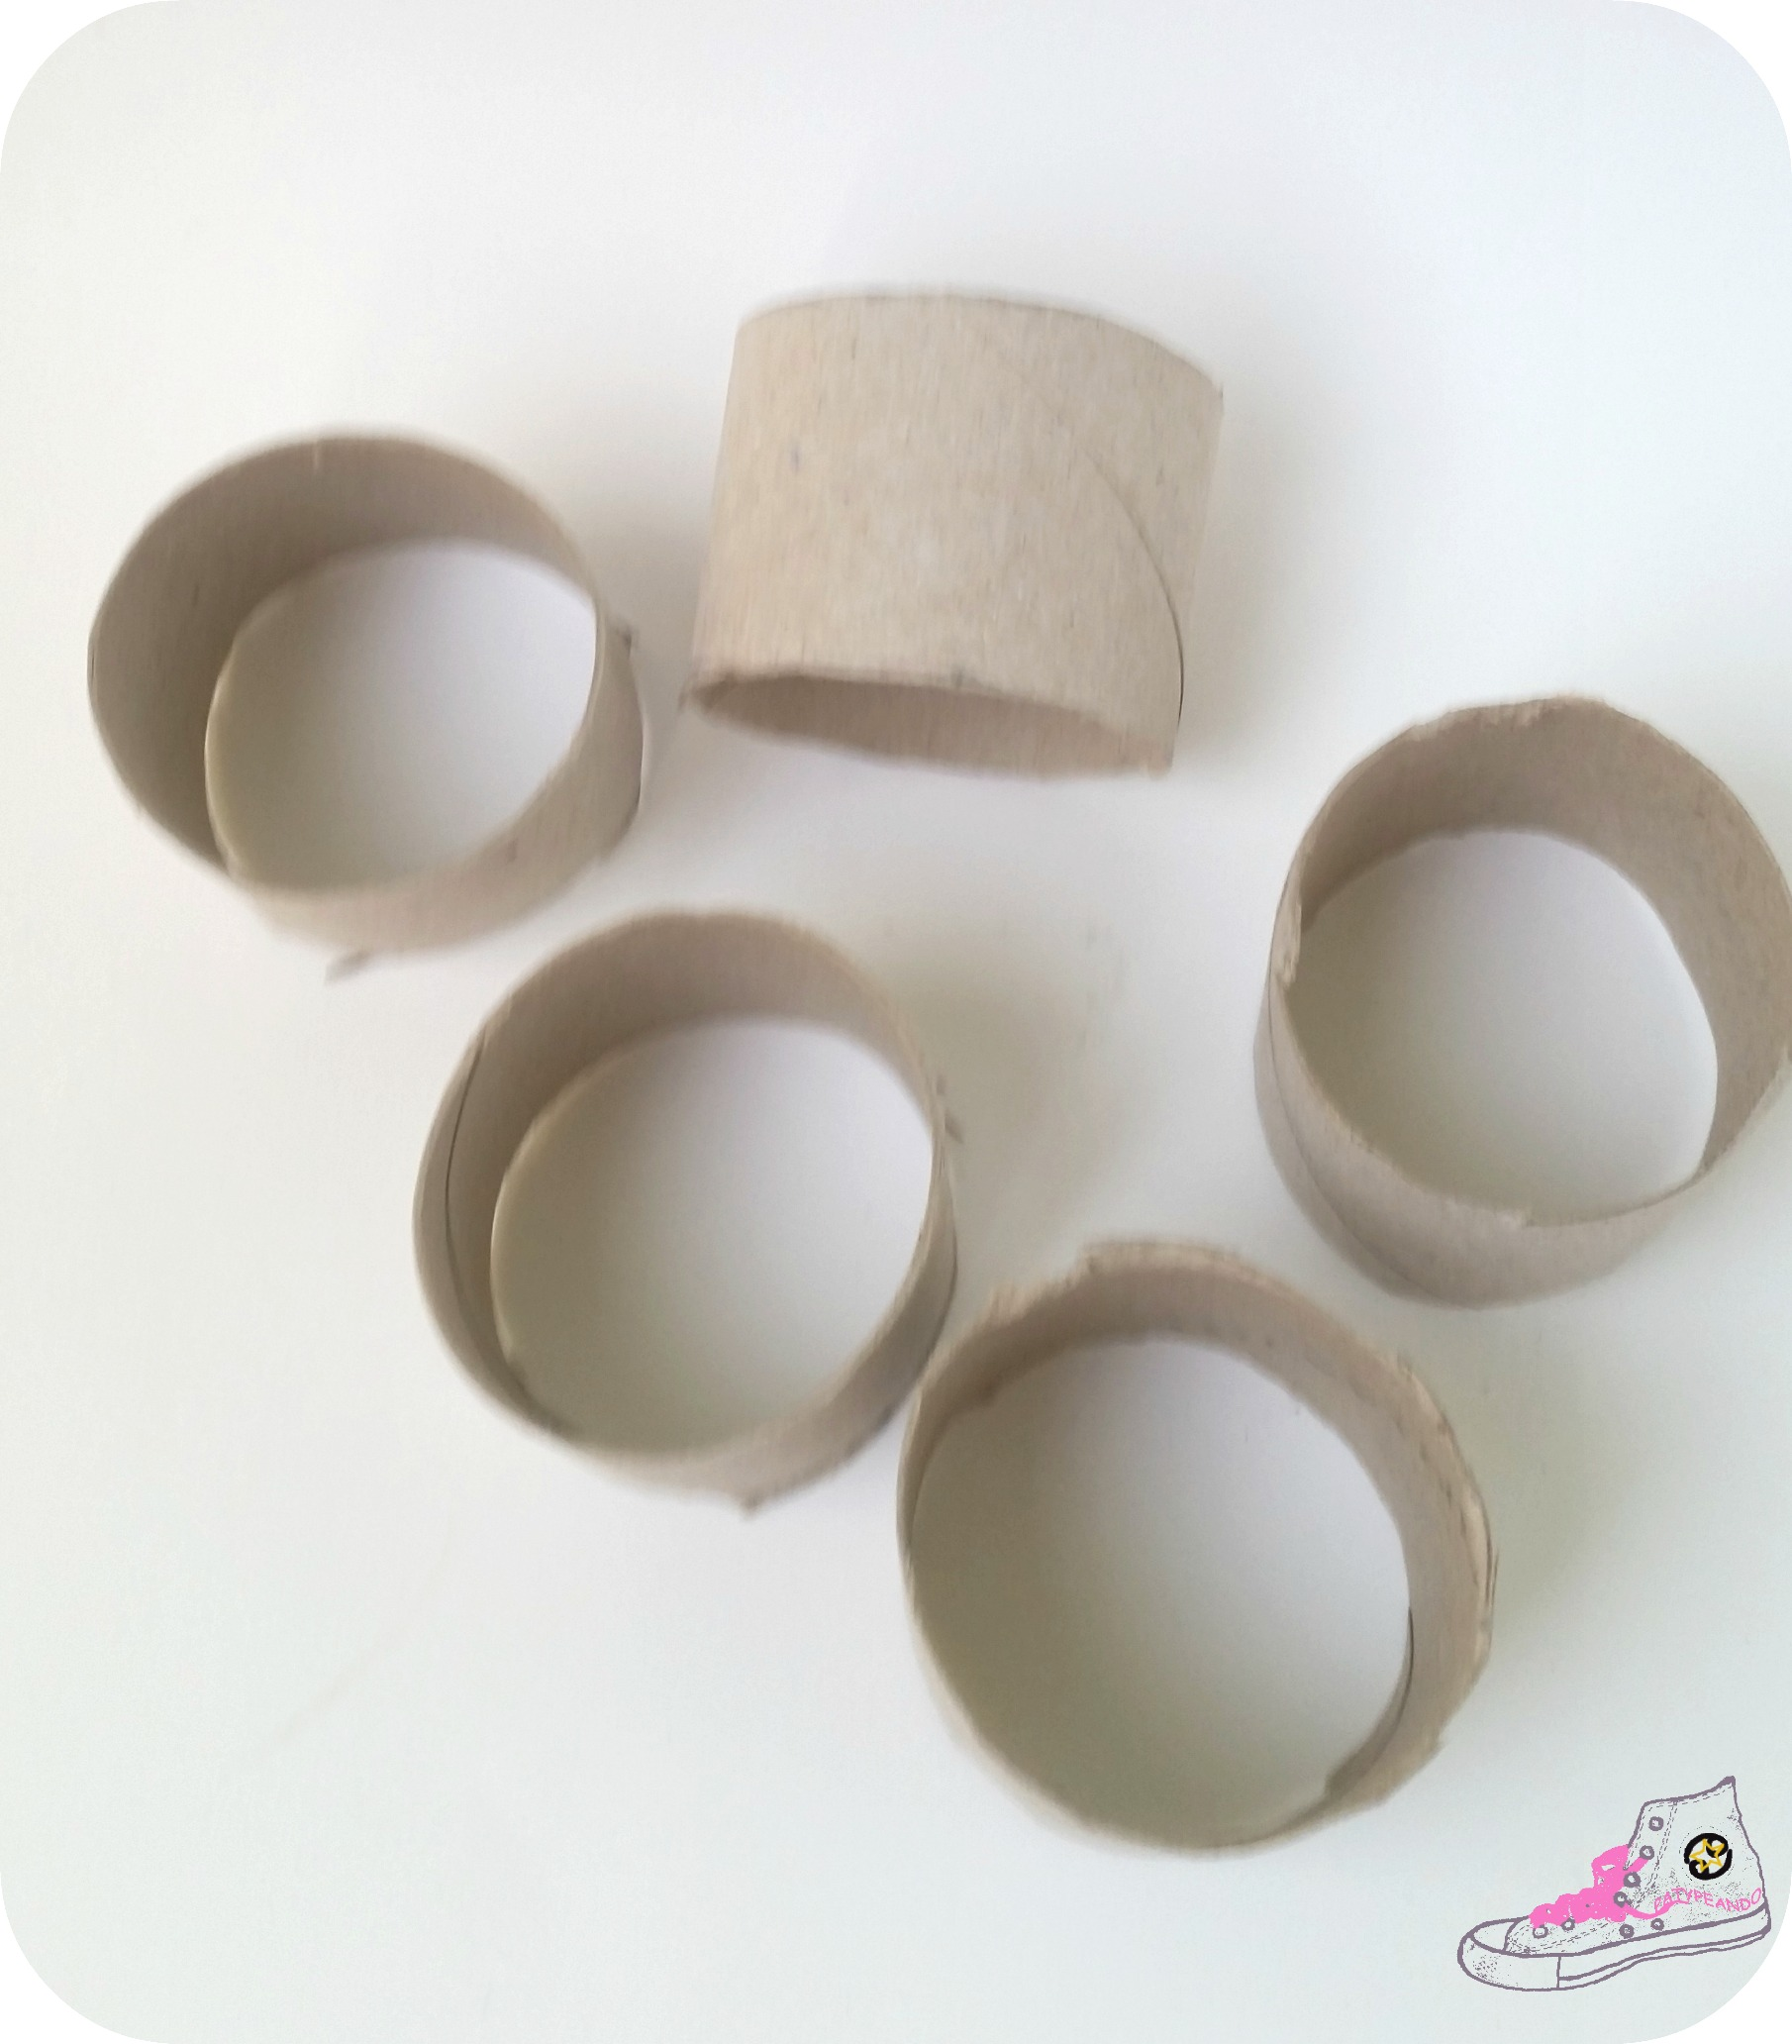 tollos de papel higiénico